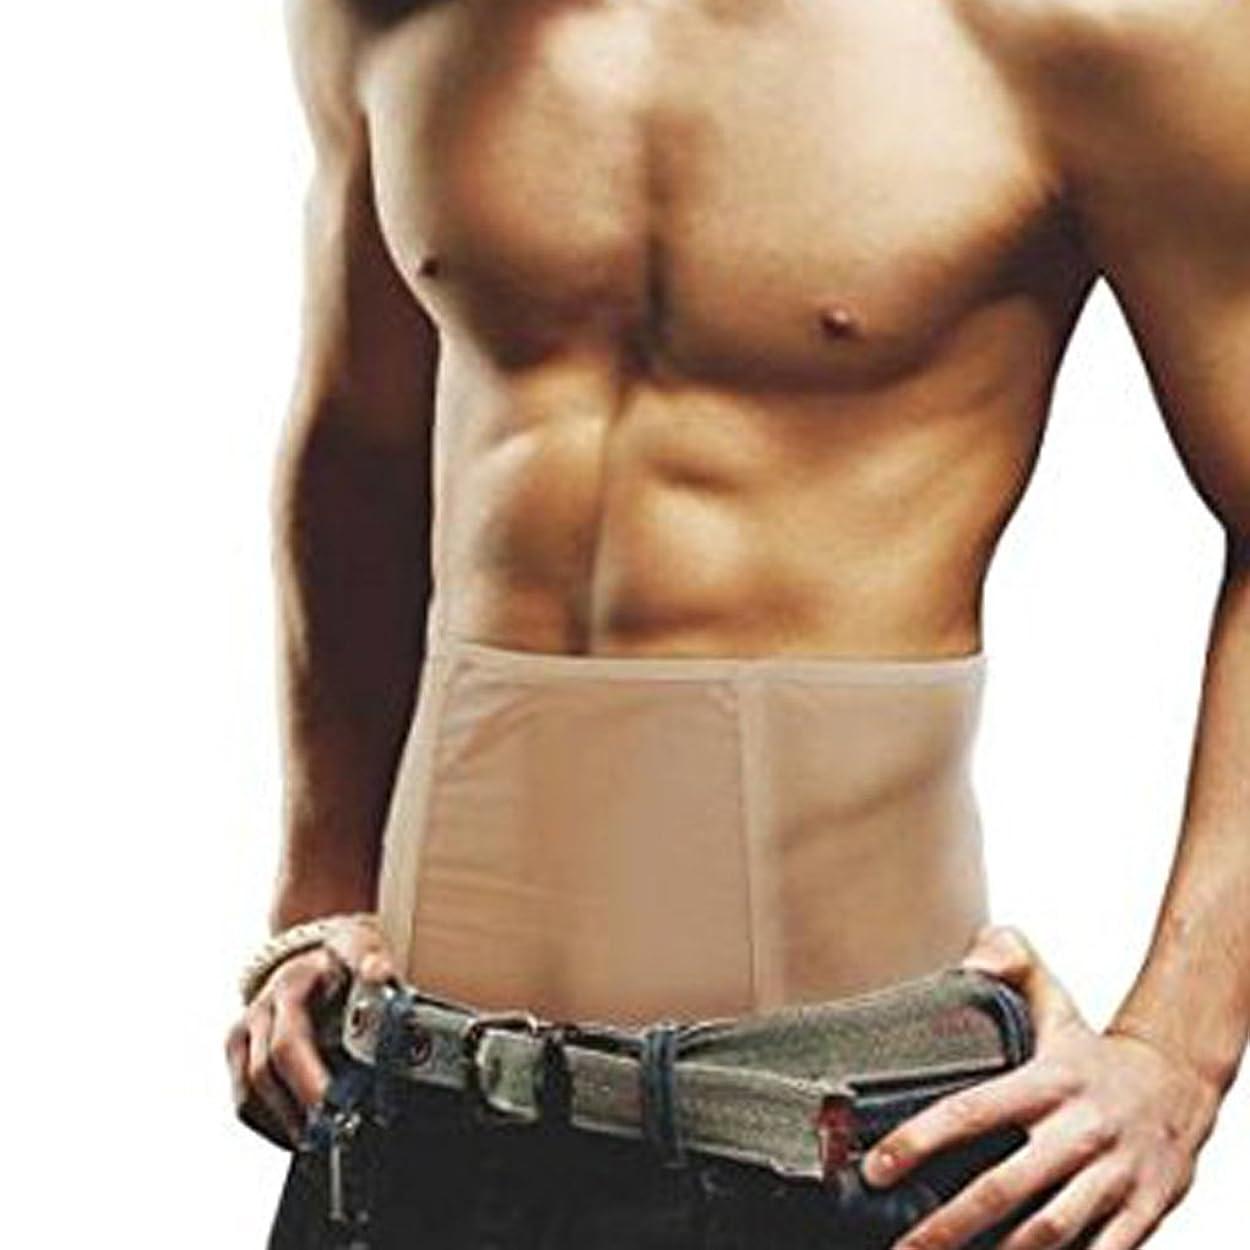 不確実うまくやる()メンズ シェイプアップ 腹巻 ダイエットインナー ウエスト ベルト お腹 痩せ お腹 引き締め 器具 フィットネス 加圧ベルト 減量用 運動用 腹巻き [RCステッカー付き] (ベージュ M size)